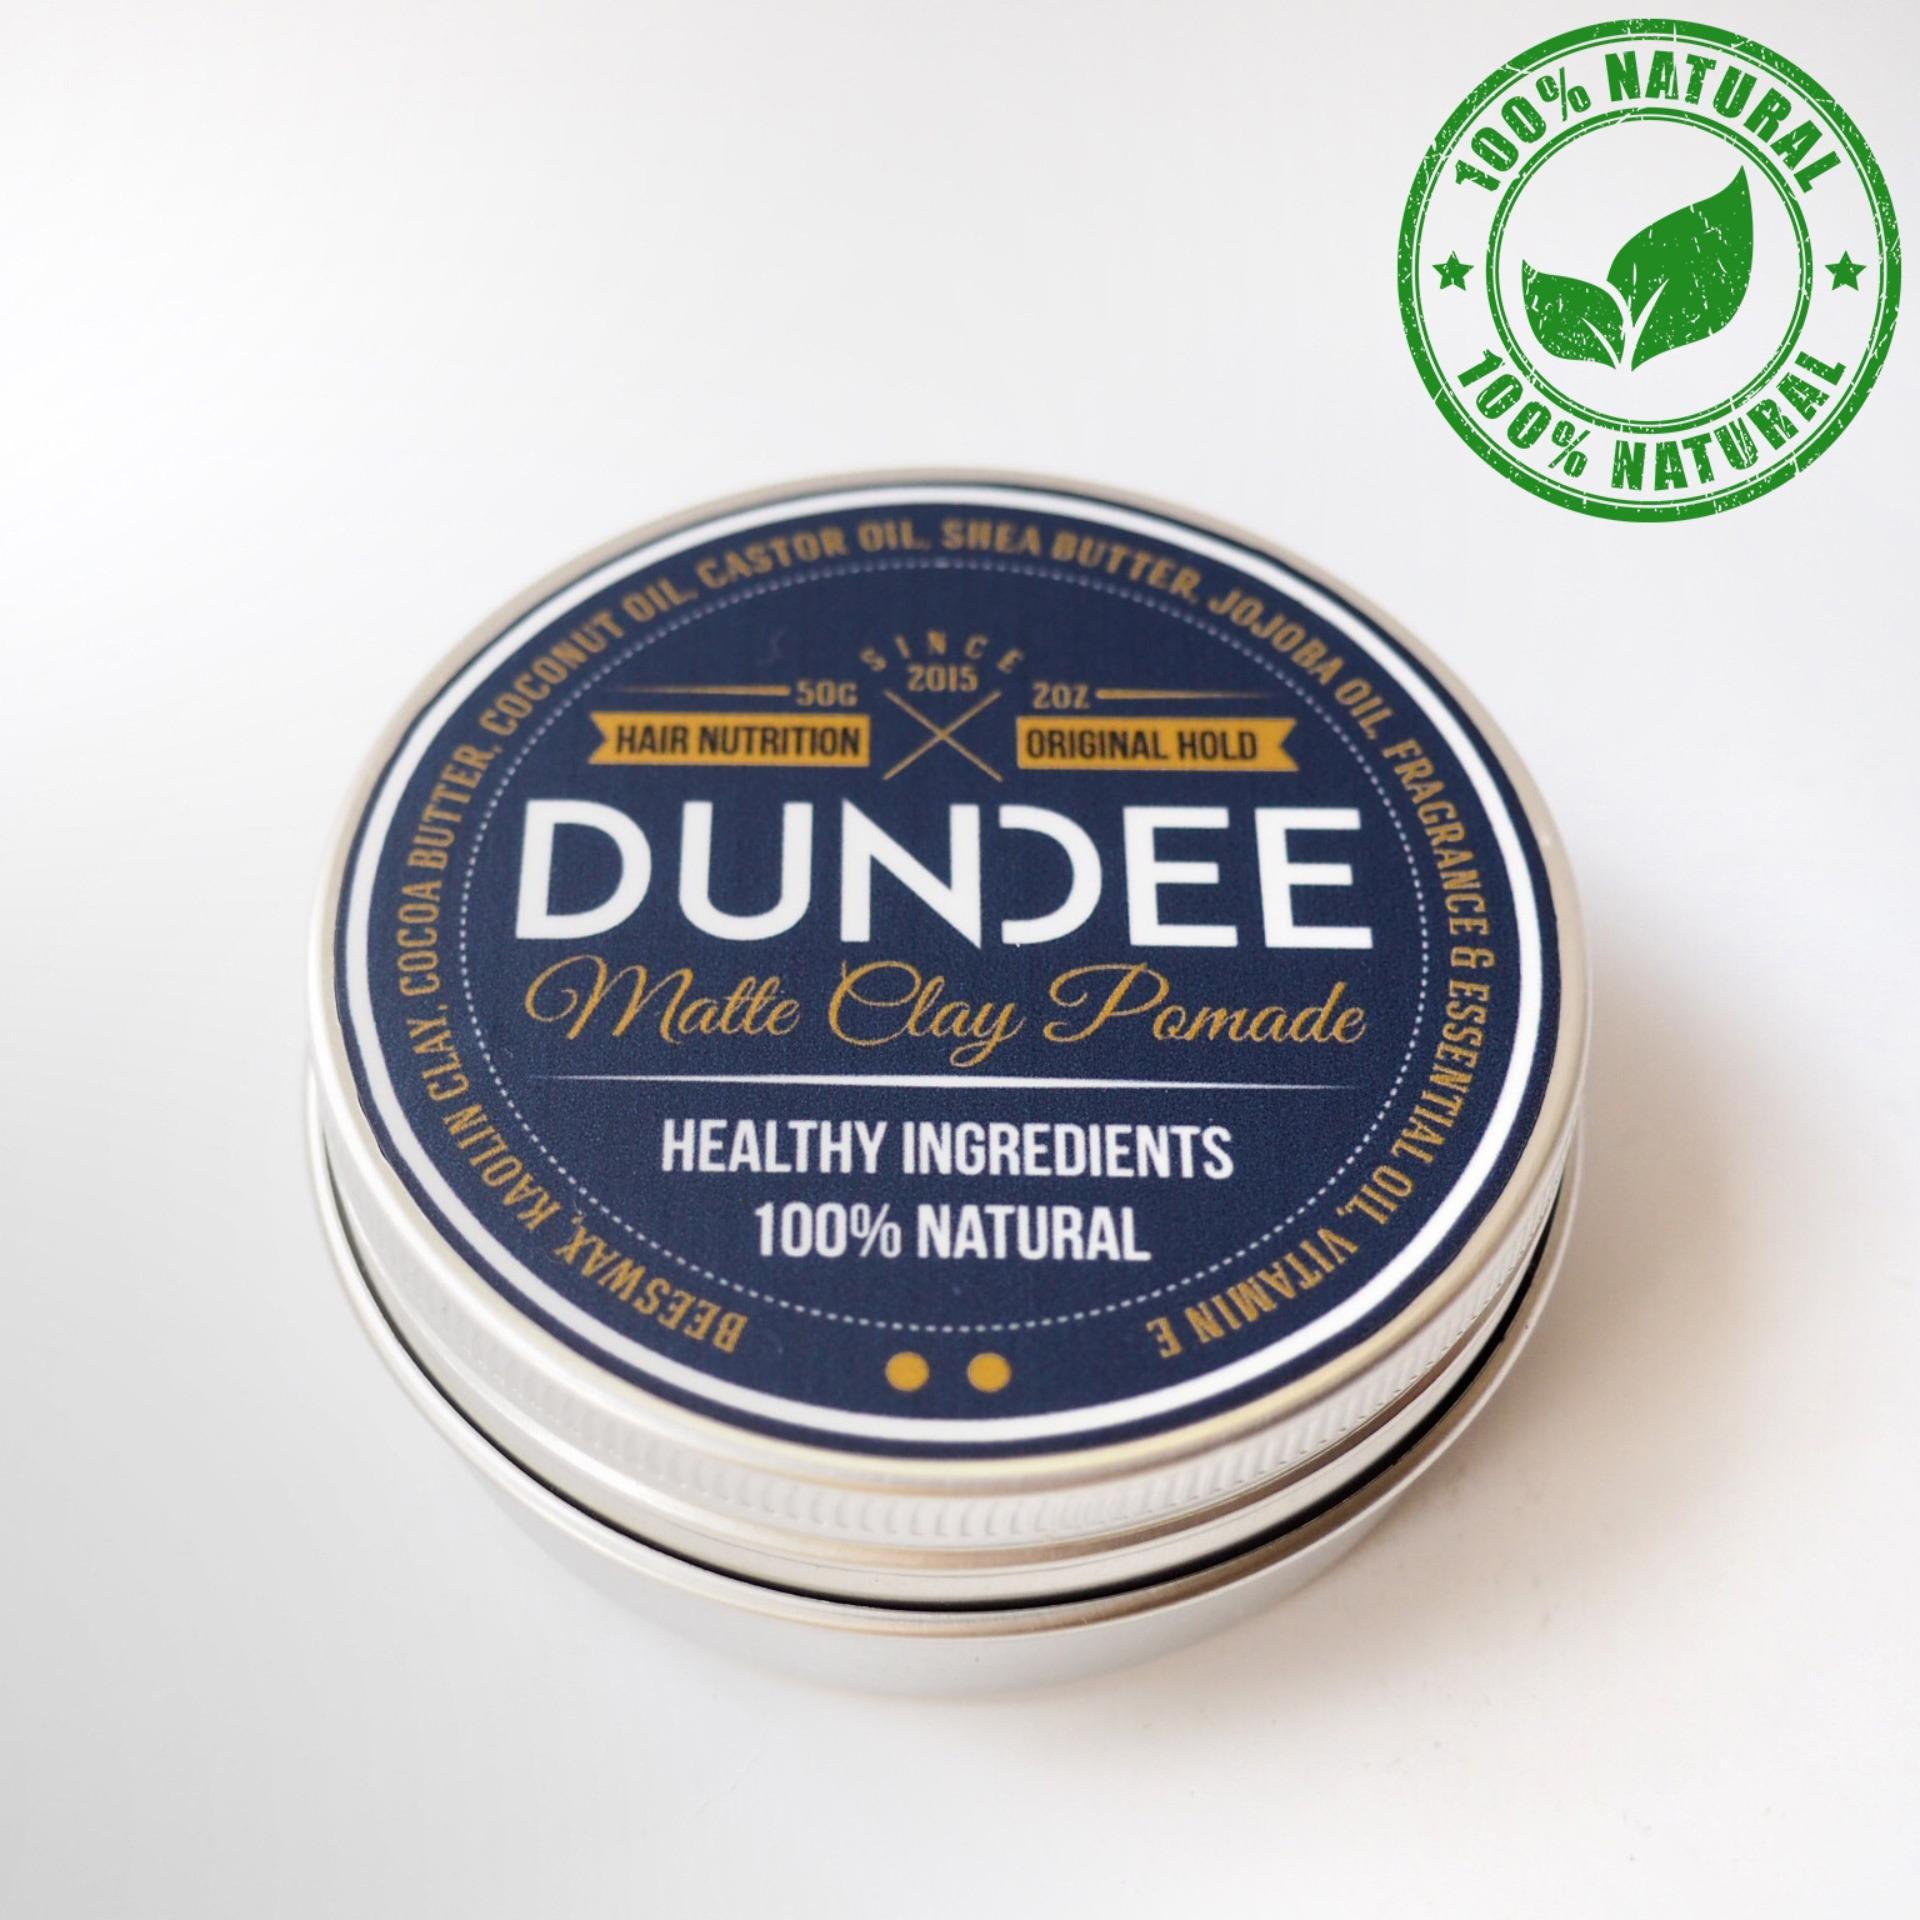 REVIEW DUNDEE Matte Clay Pomade – Original Hold – 50g   100% Natural dan Organik  Sehat untuk rambut  Mencegah kerontokan Terpopuler